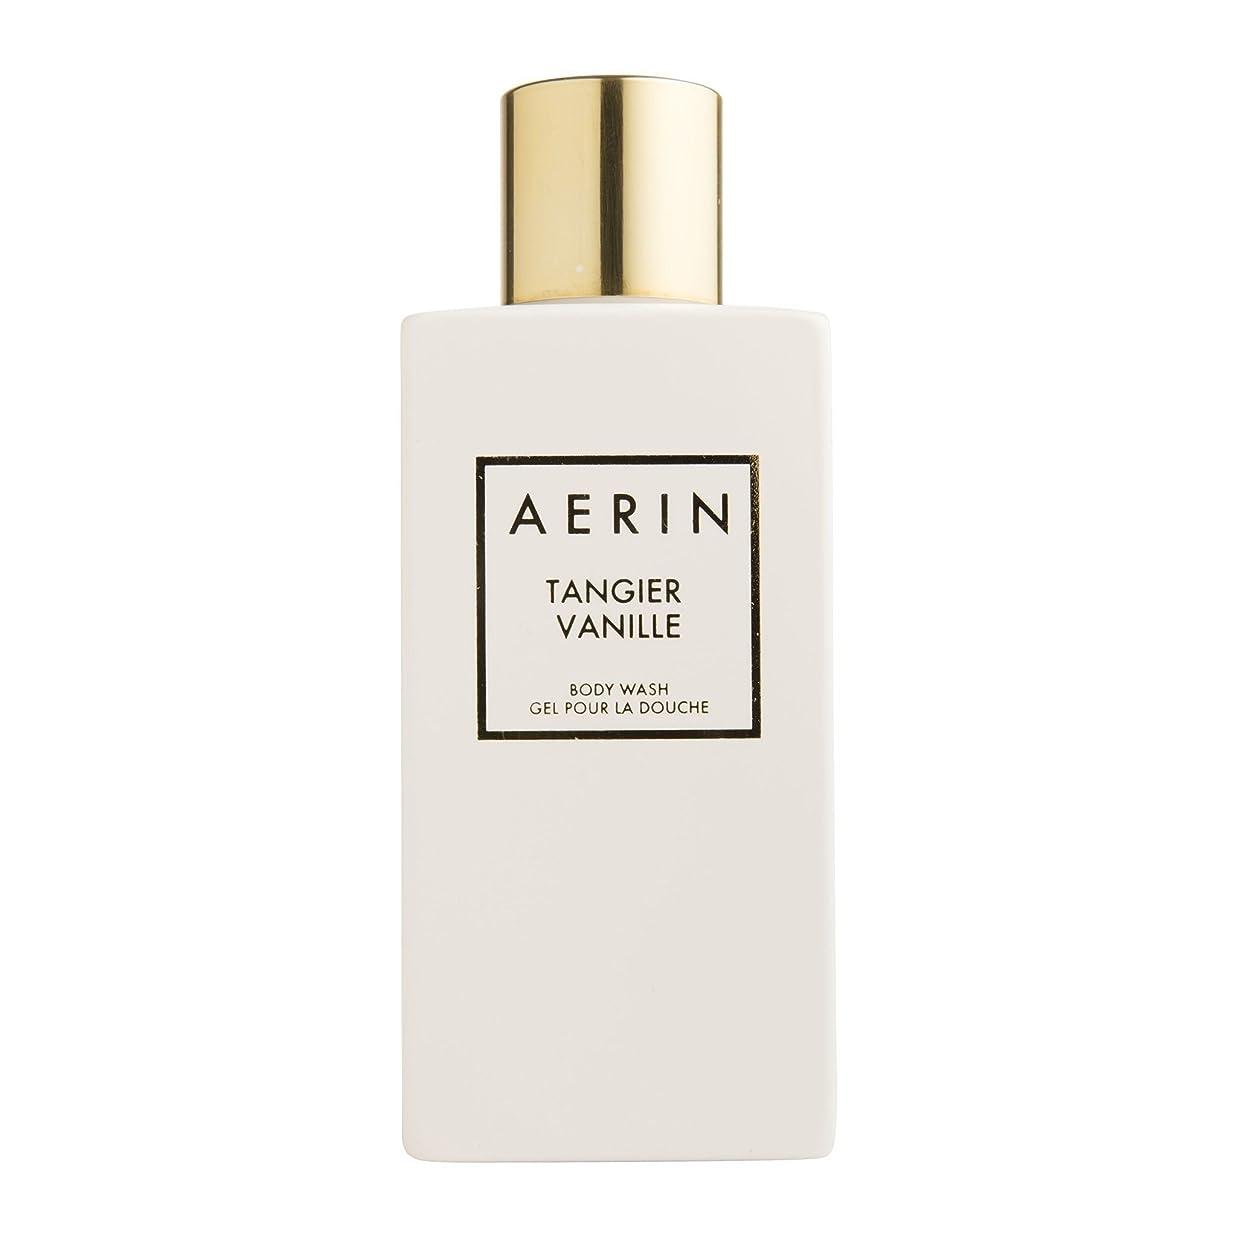 花束冷ややかな借りるAERIN Tangier Vanille (アエリン タンジヤー バニール) 7.6 oz (228ml) Body Wash ボディーウオッシュ by Estee Lauder for Women